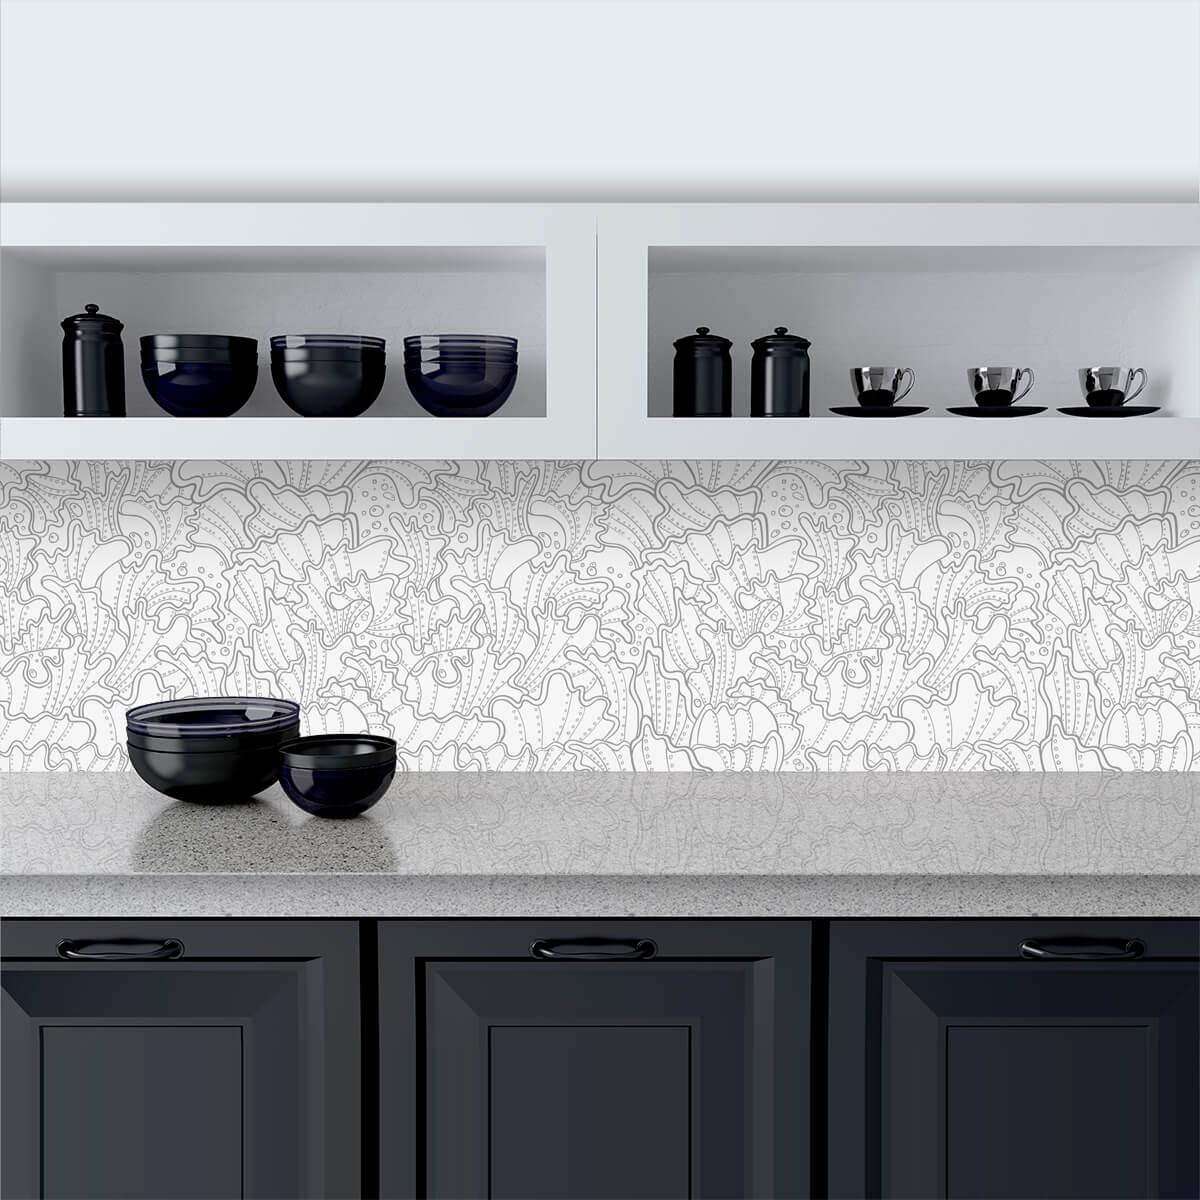 Küchenrückwand aus Glas Mussels